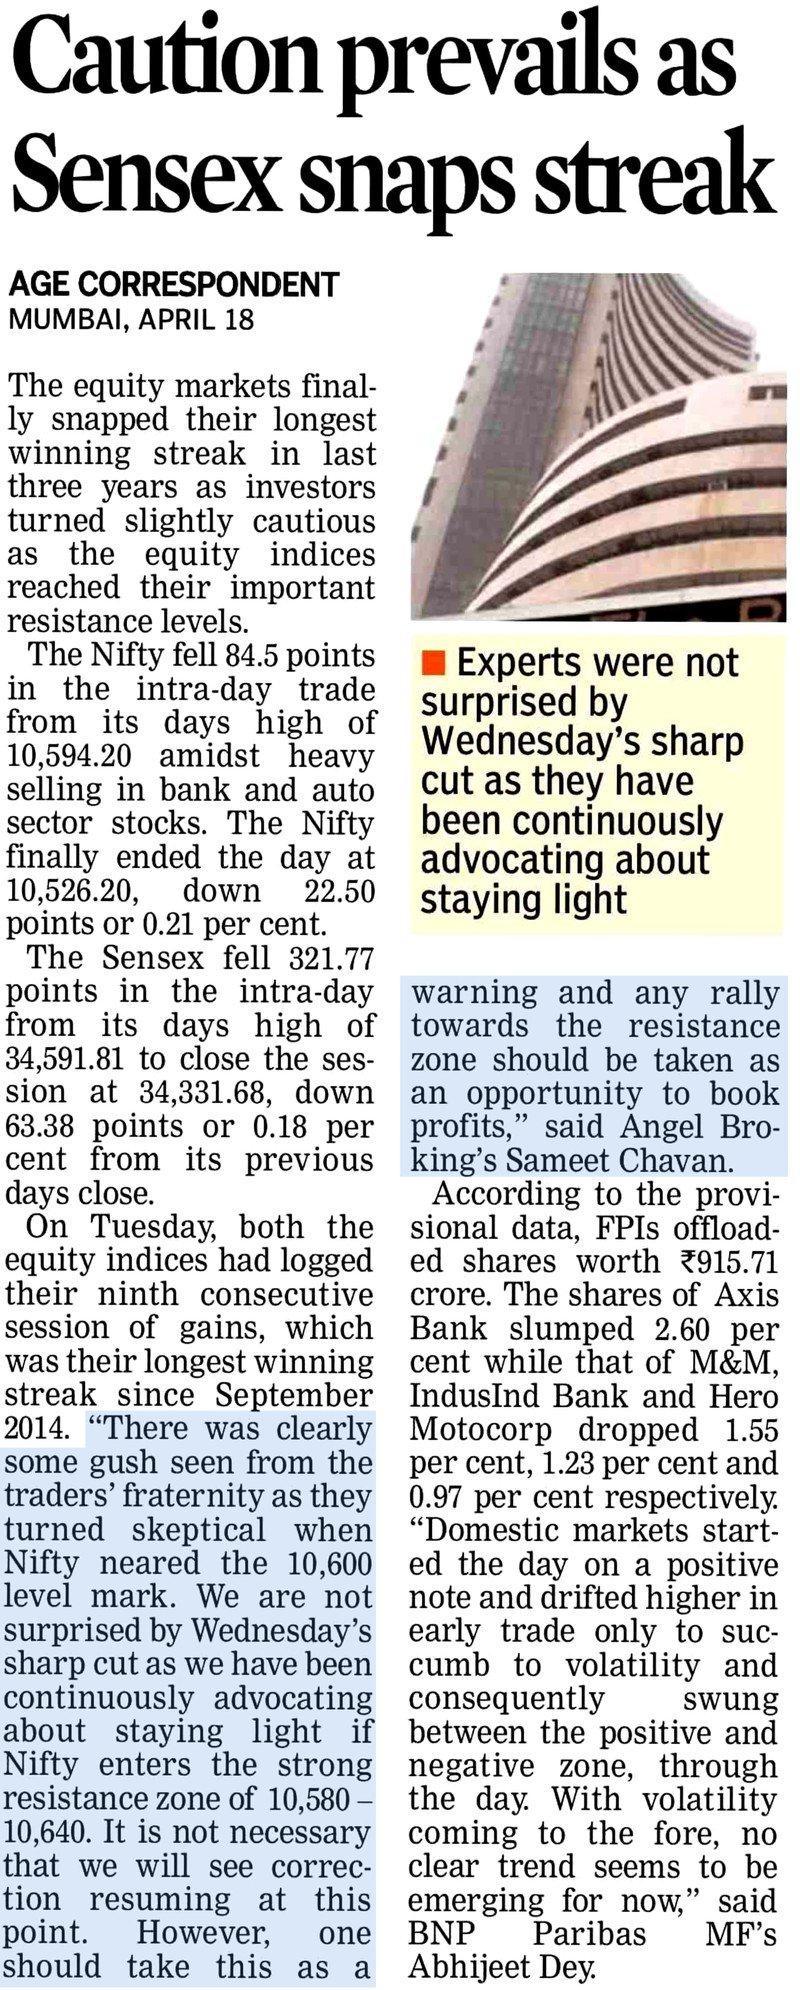 Caution prevails as Sensex snaps streak